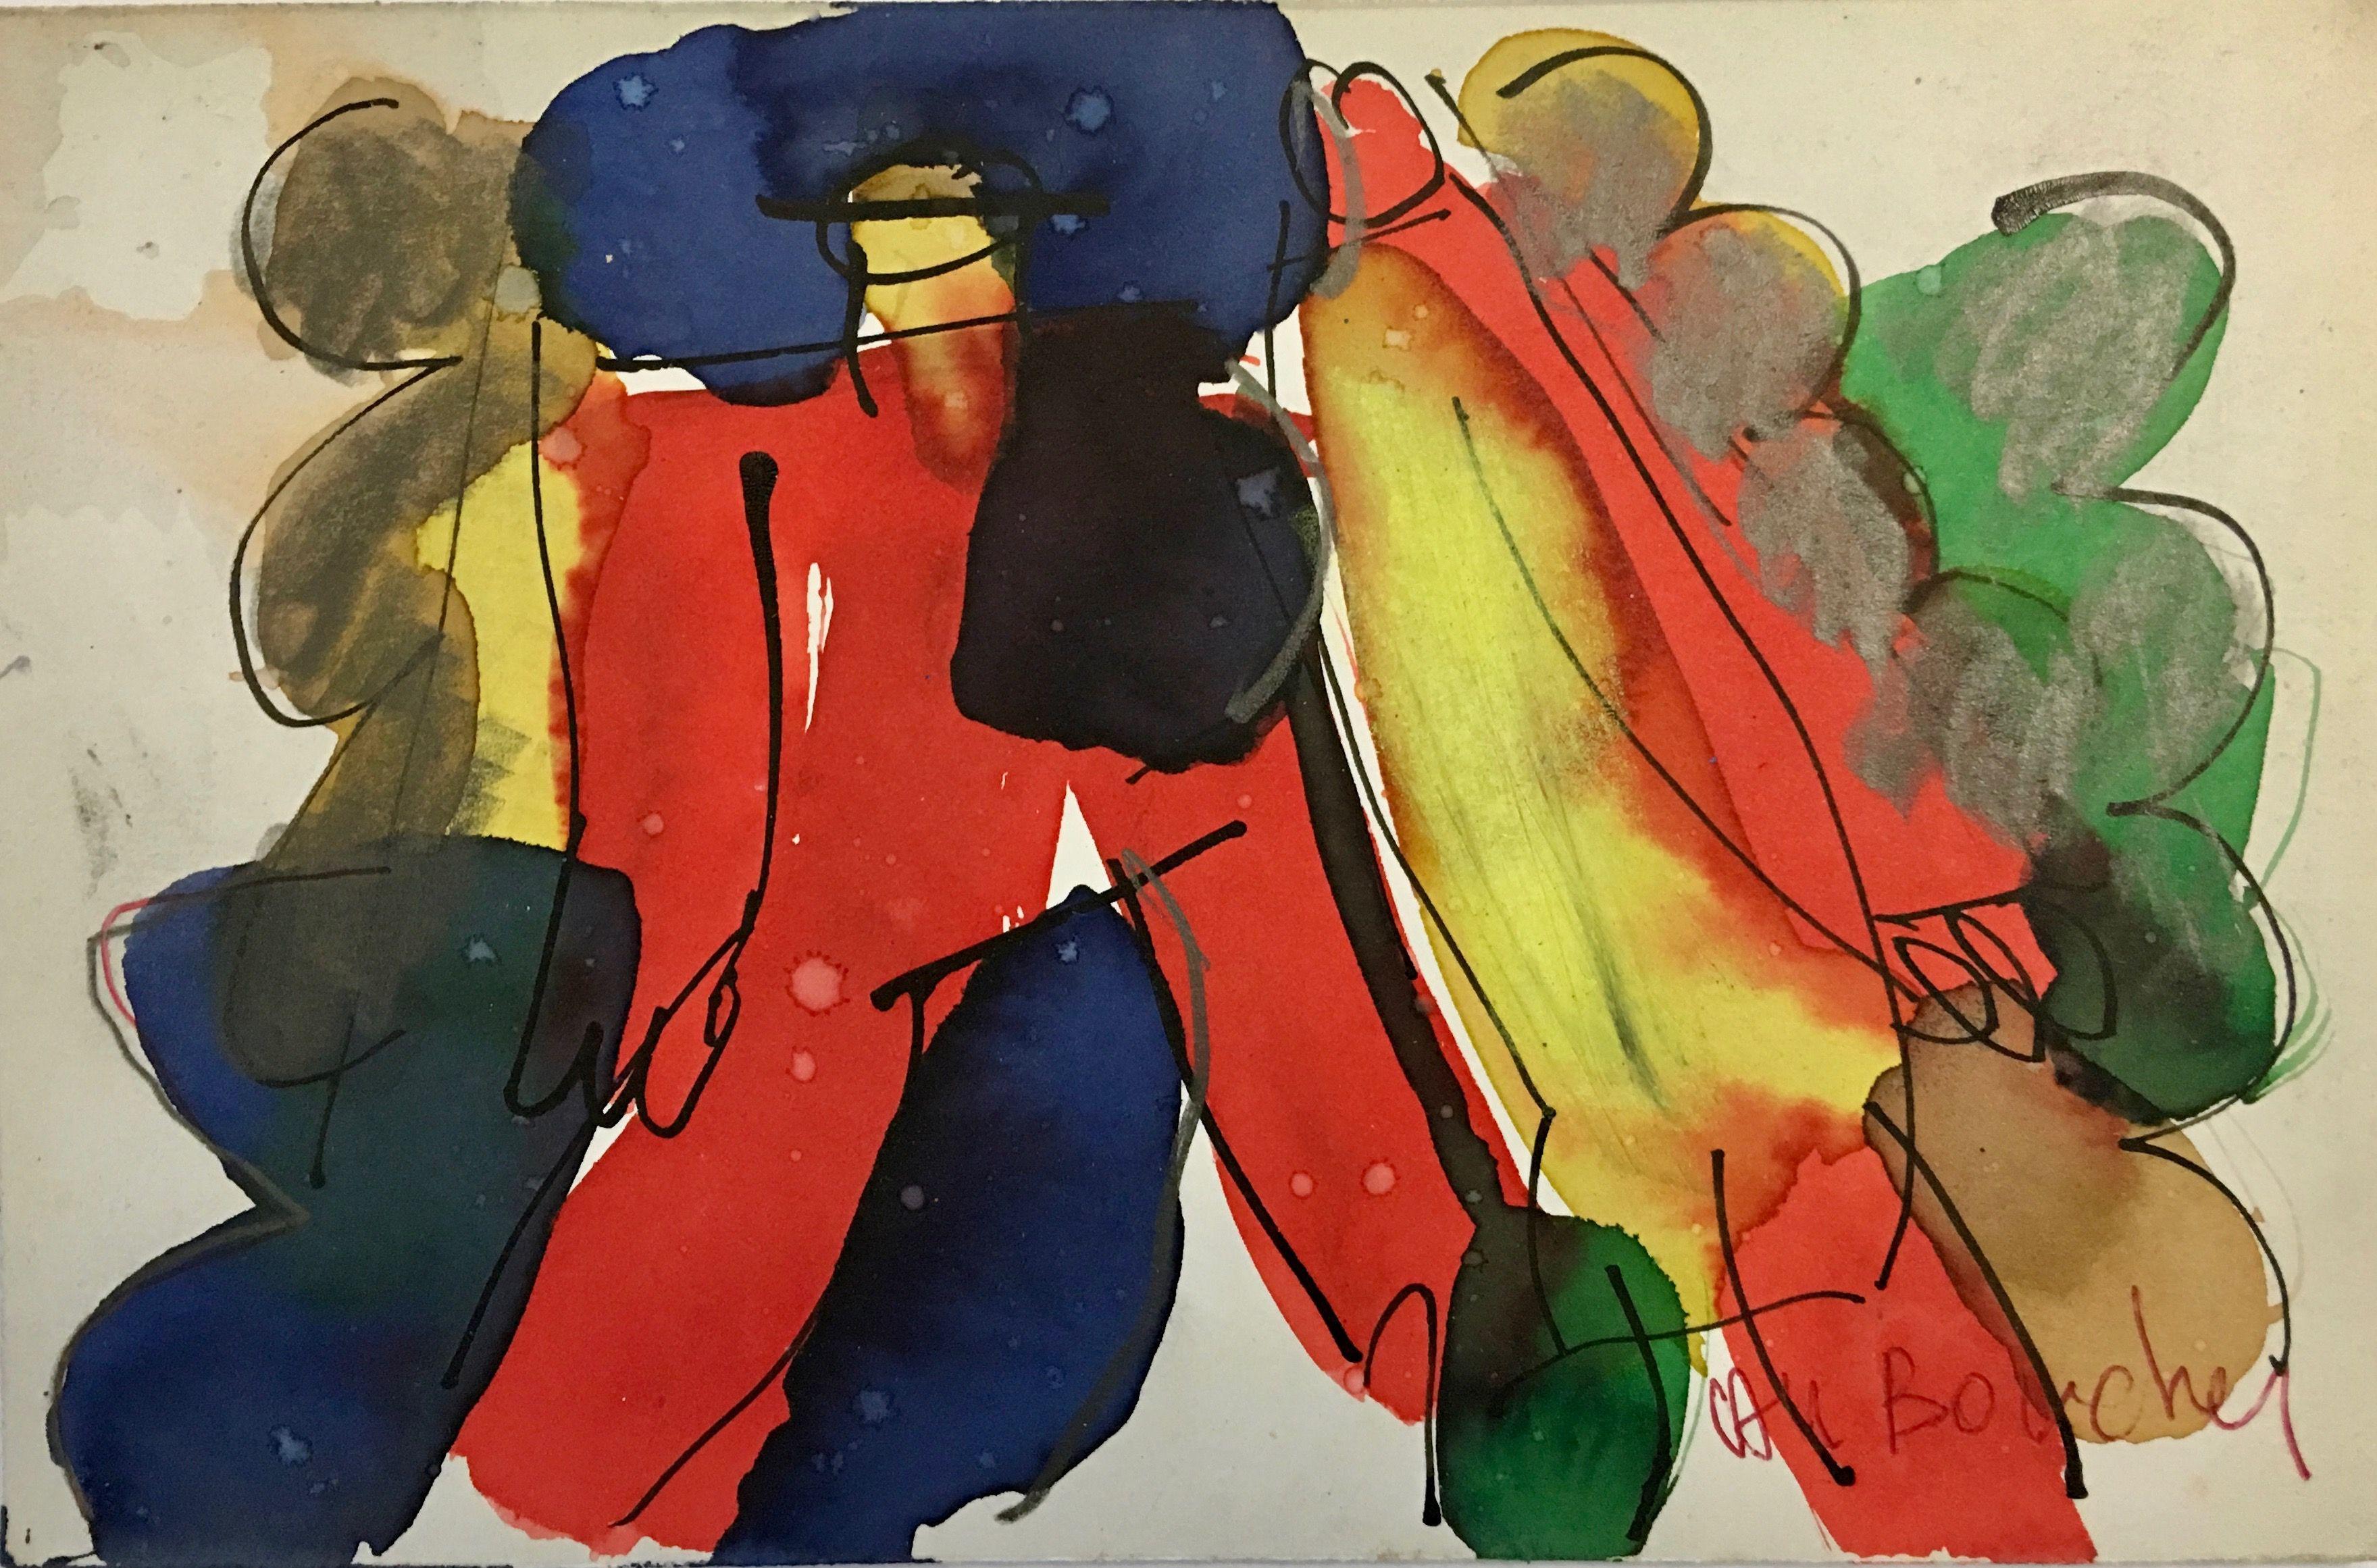 Personnages Imaginaires Est Une Peinture Originale A La Gouache 12 X 19 Cm De Alain Michel Boucher Q Peinture Originale Personnage Imaginaire Comment Peindre